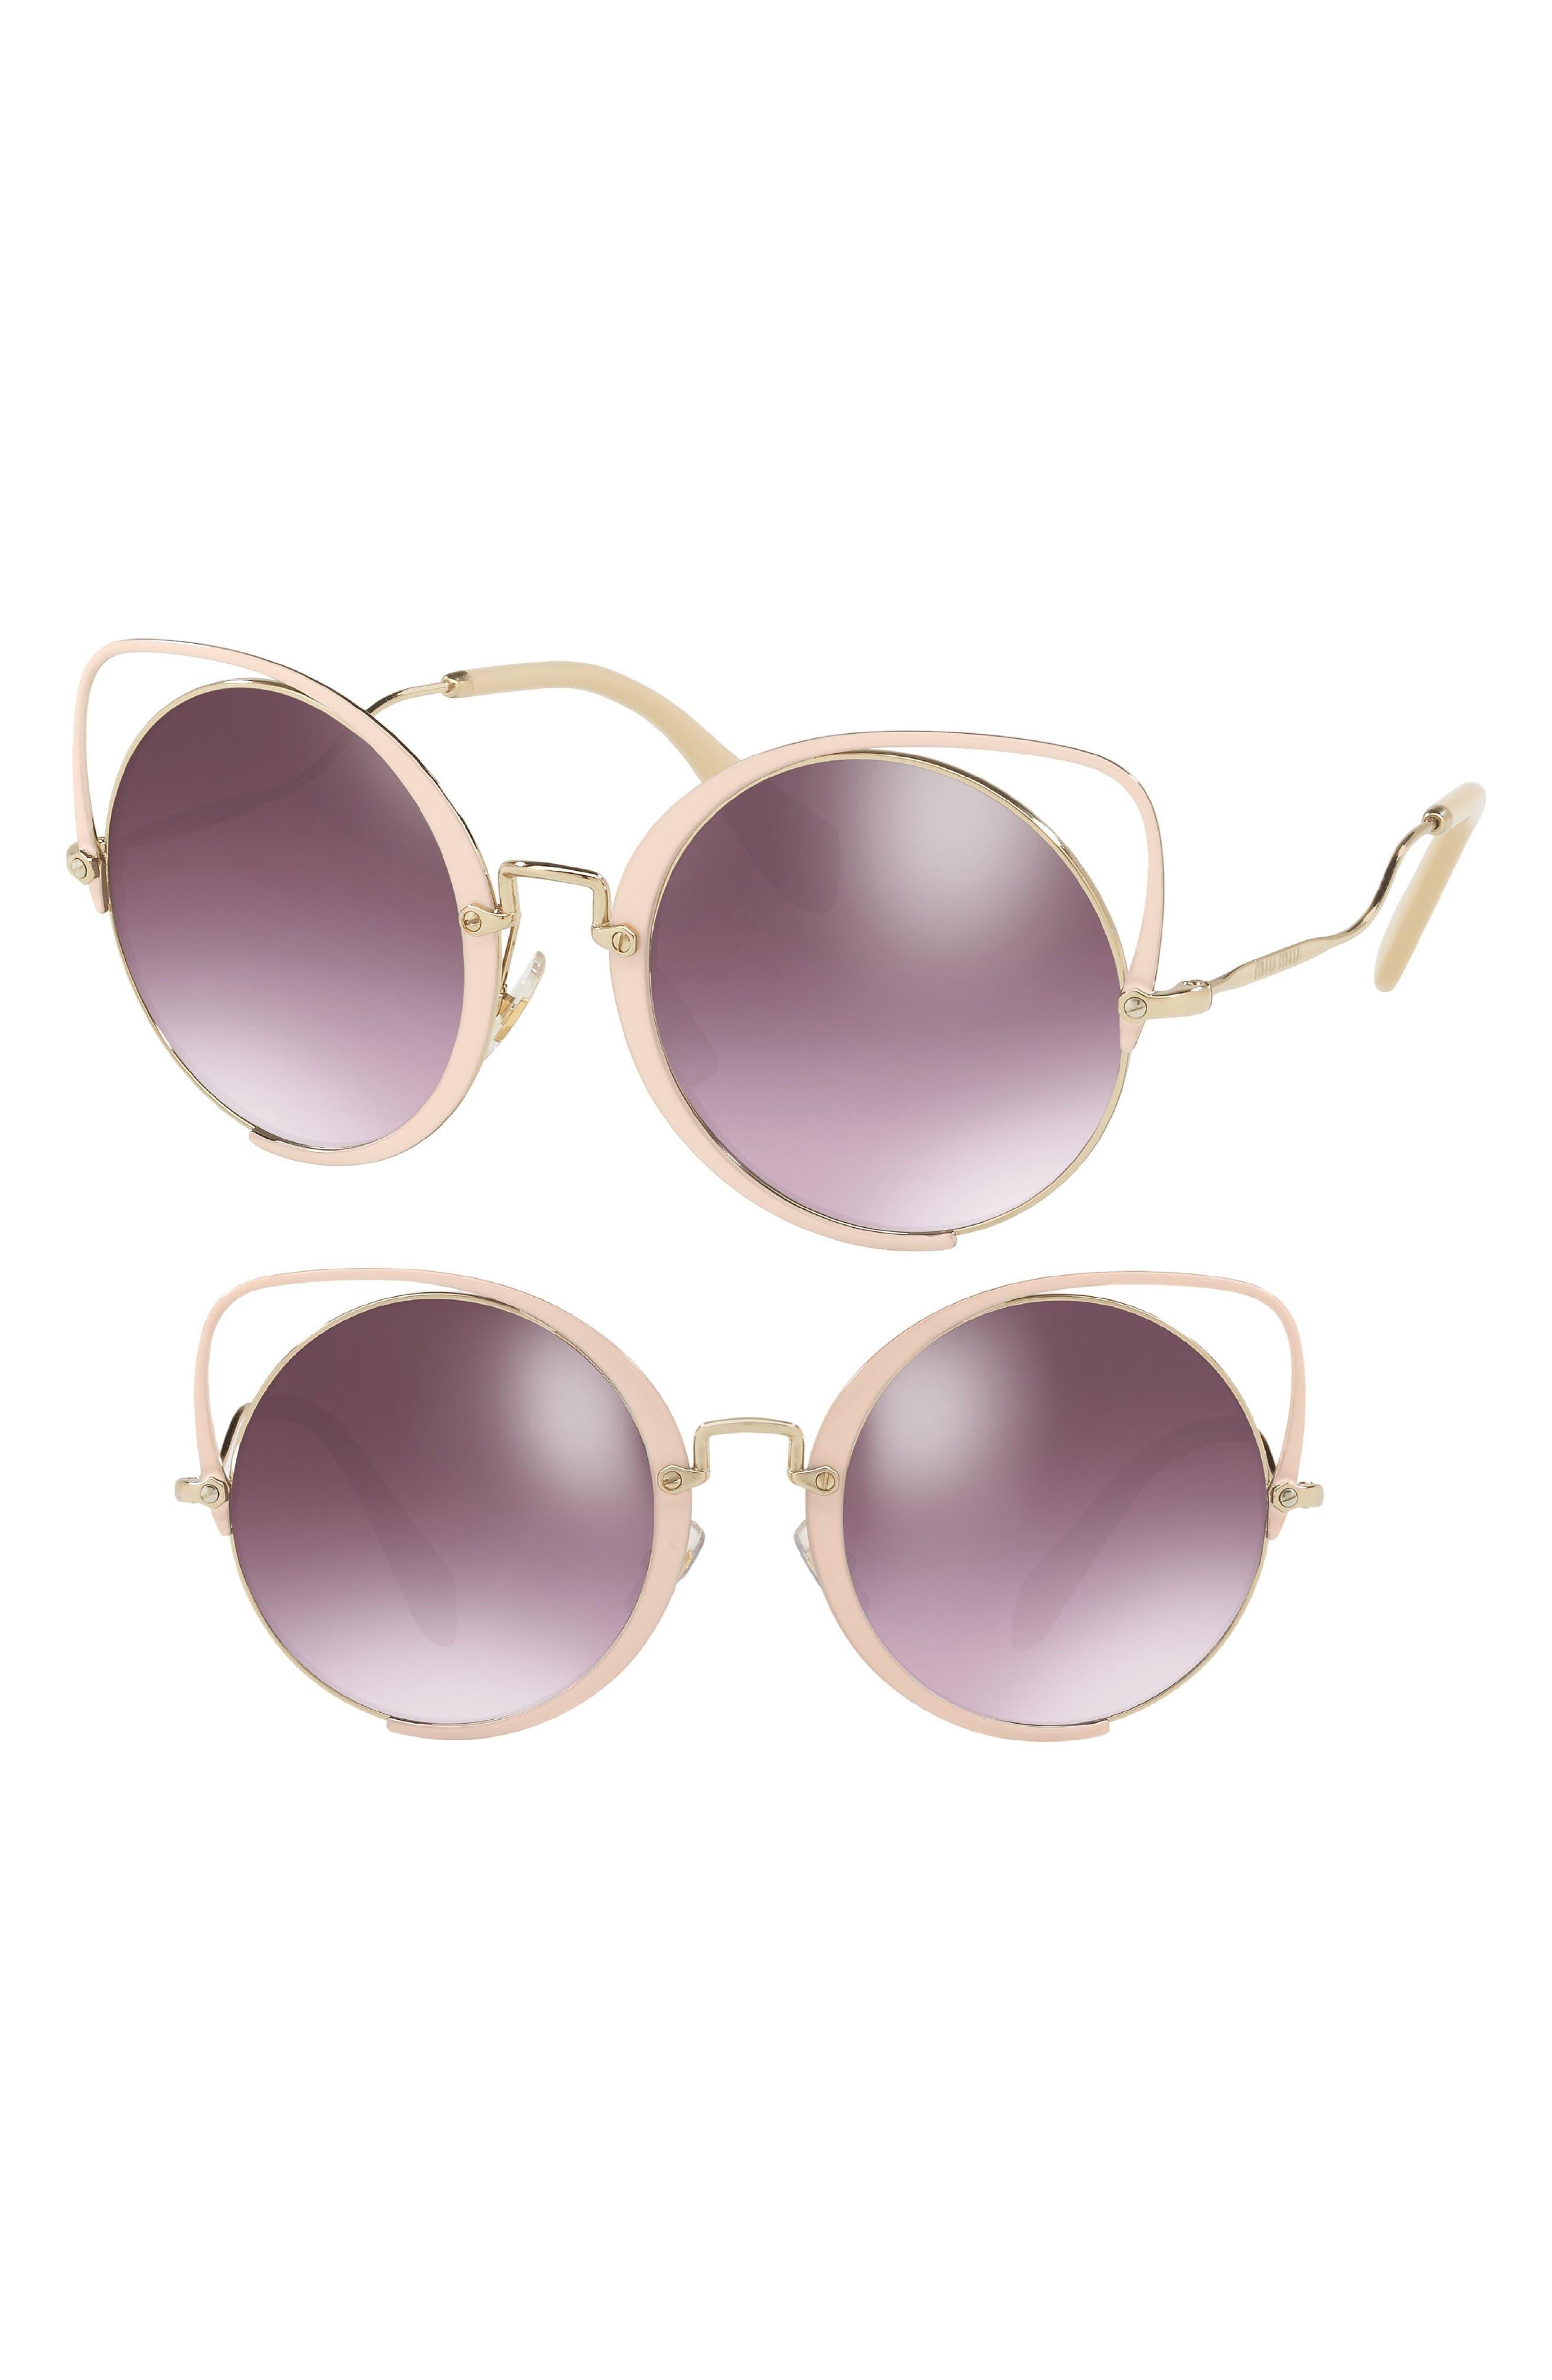 c662435fc8 Women s Miu Miu Cat-Eye Sunglasses